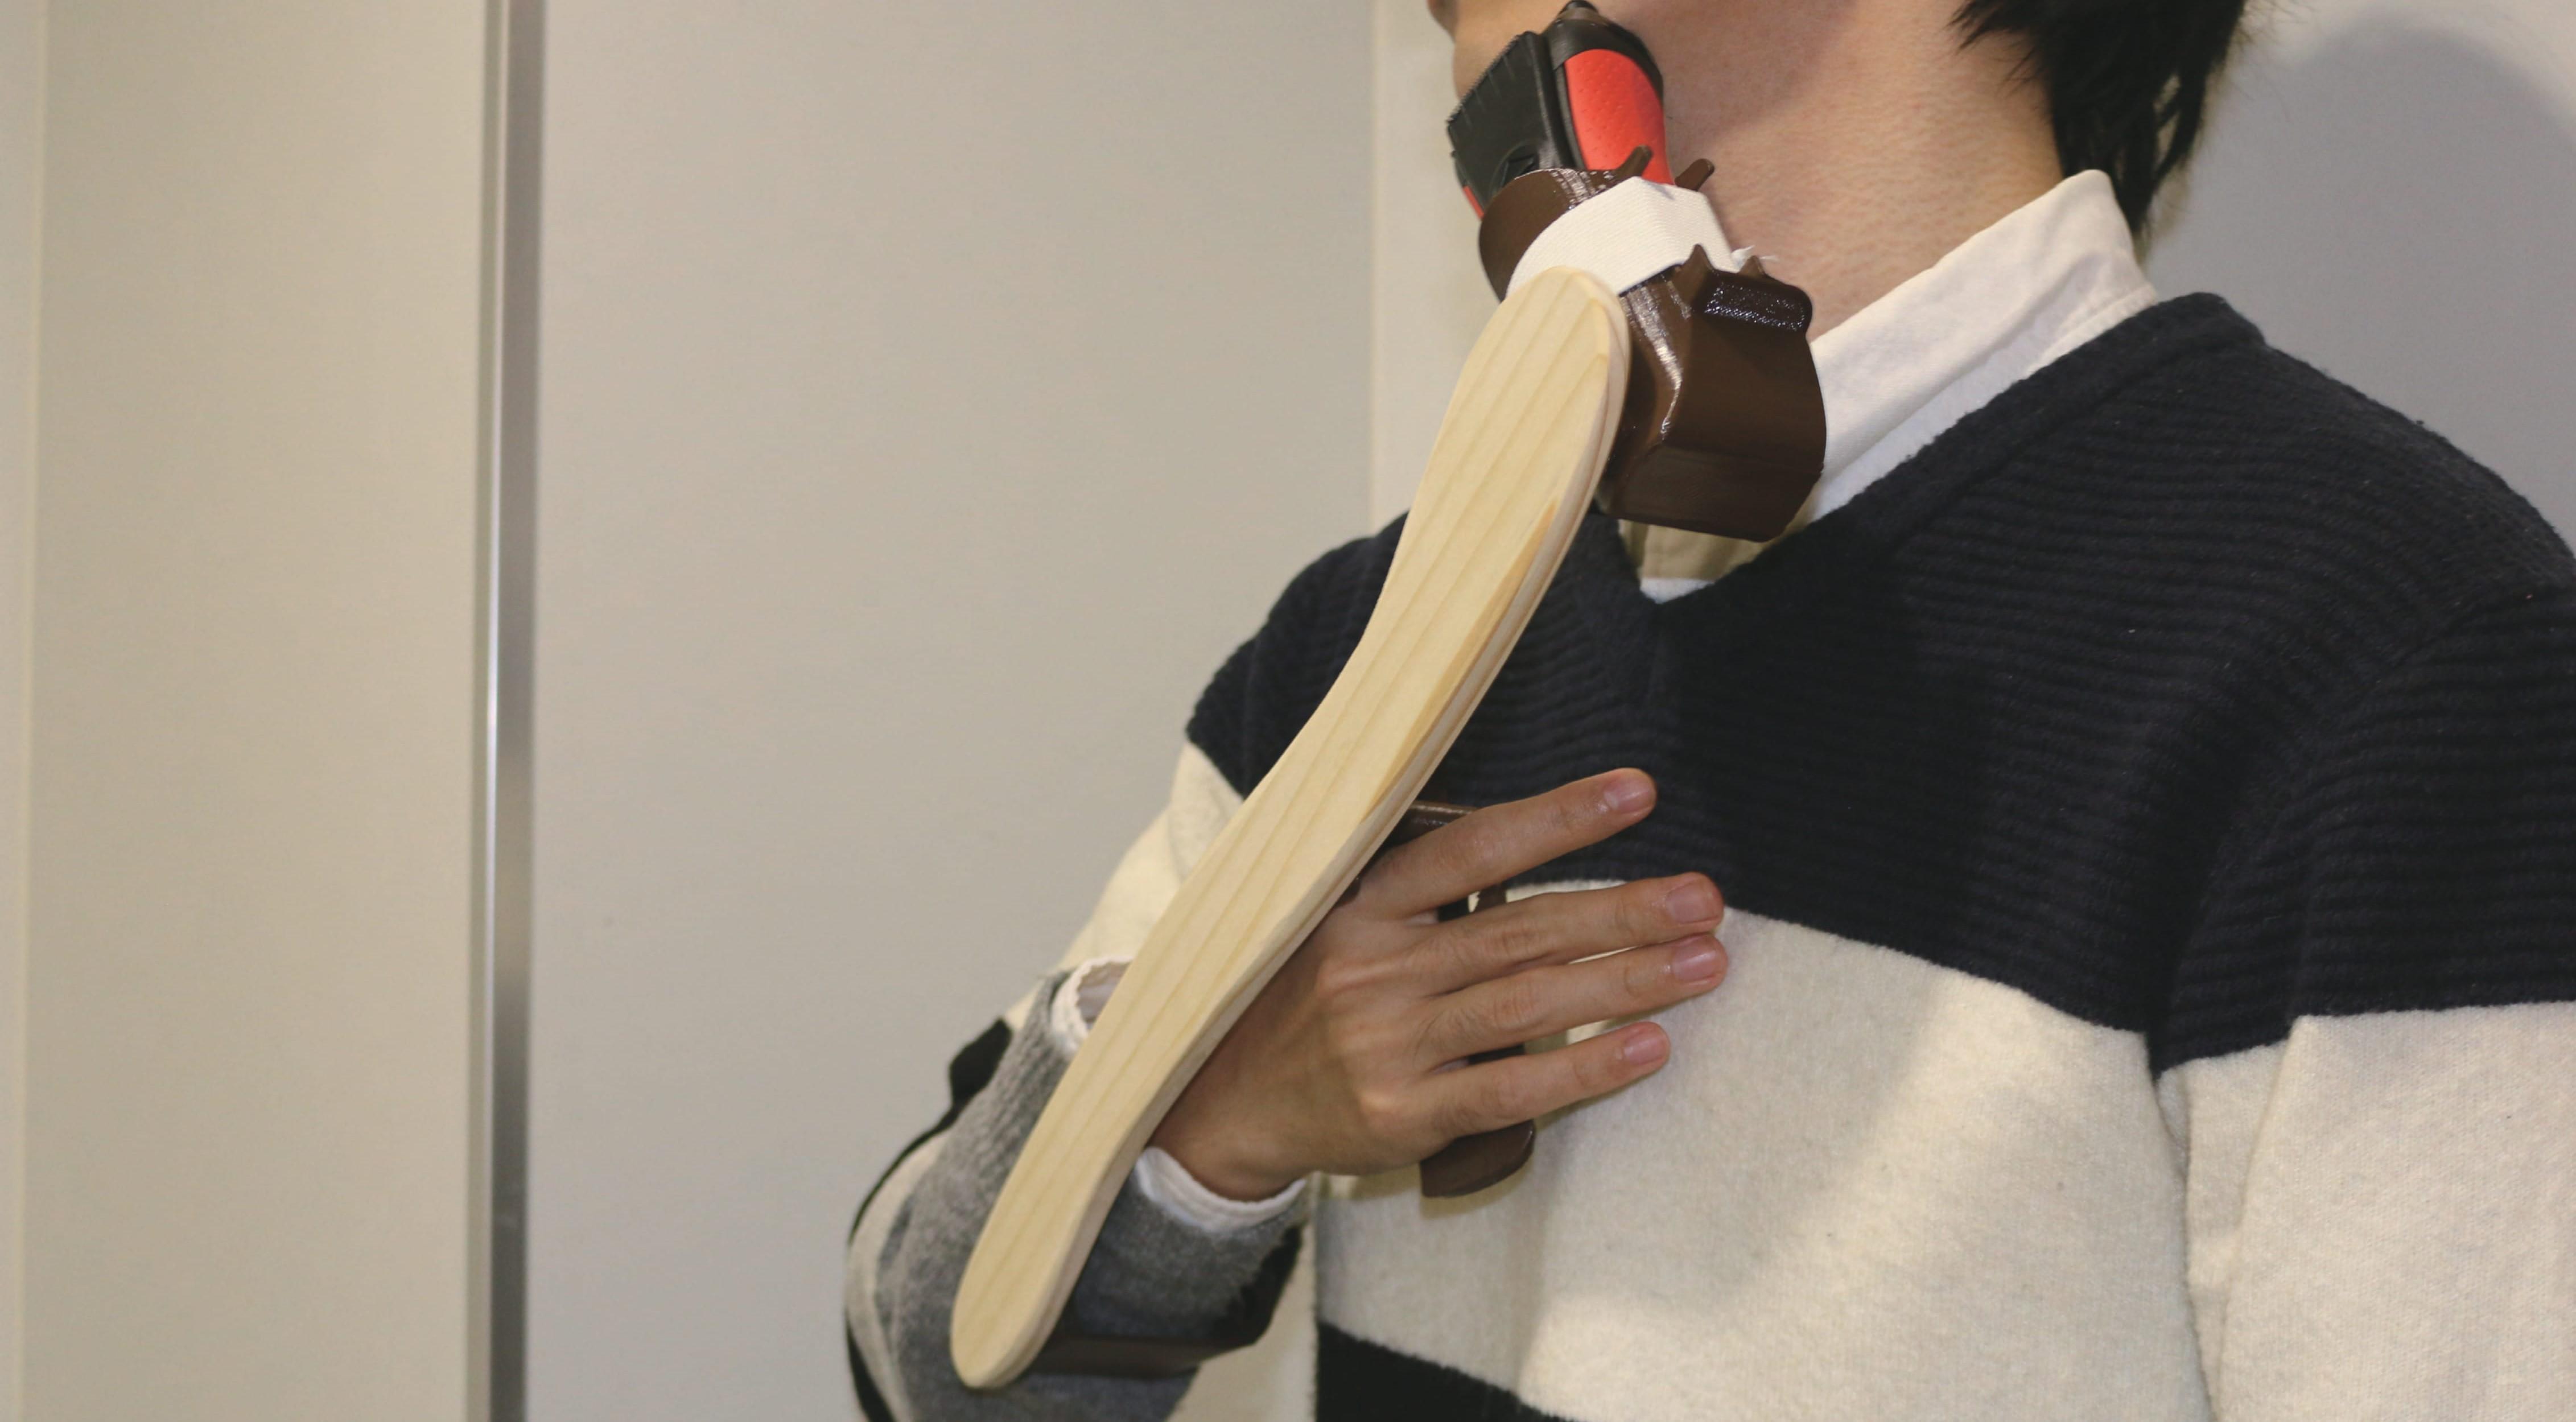 頸髄損傷者のためのシェーバー用自助具の提案